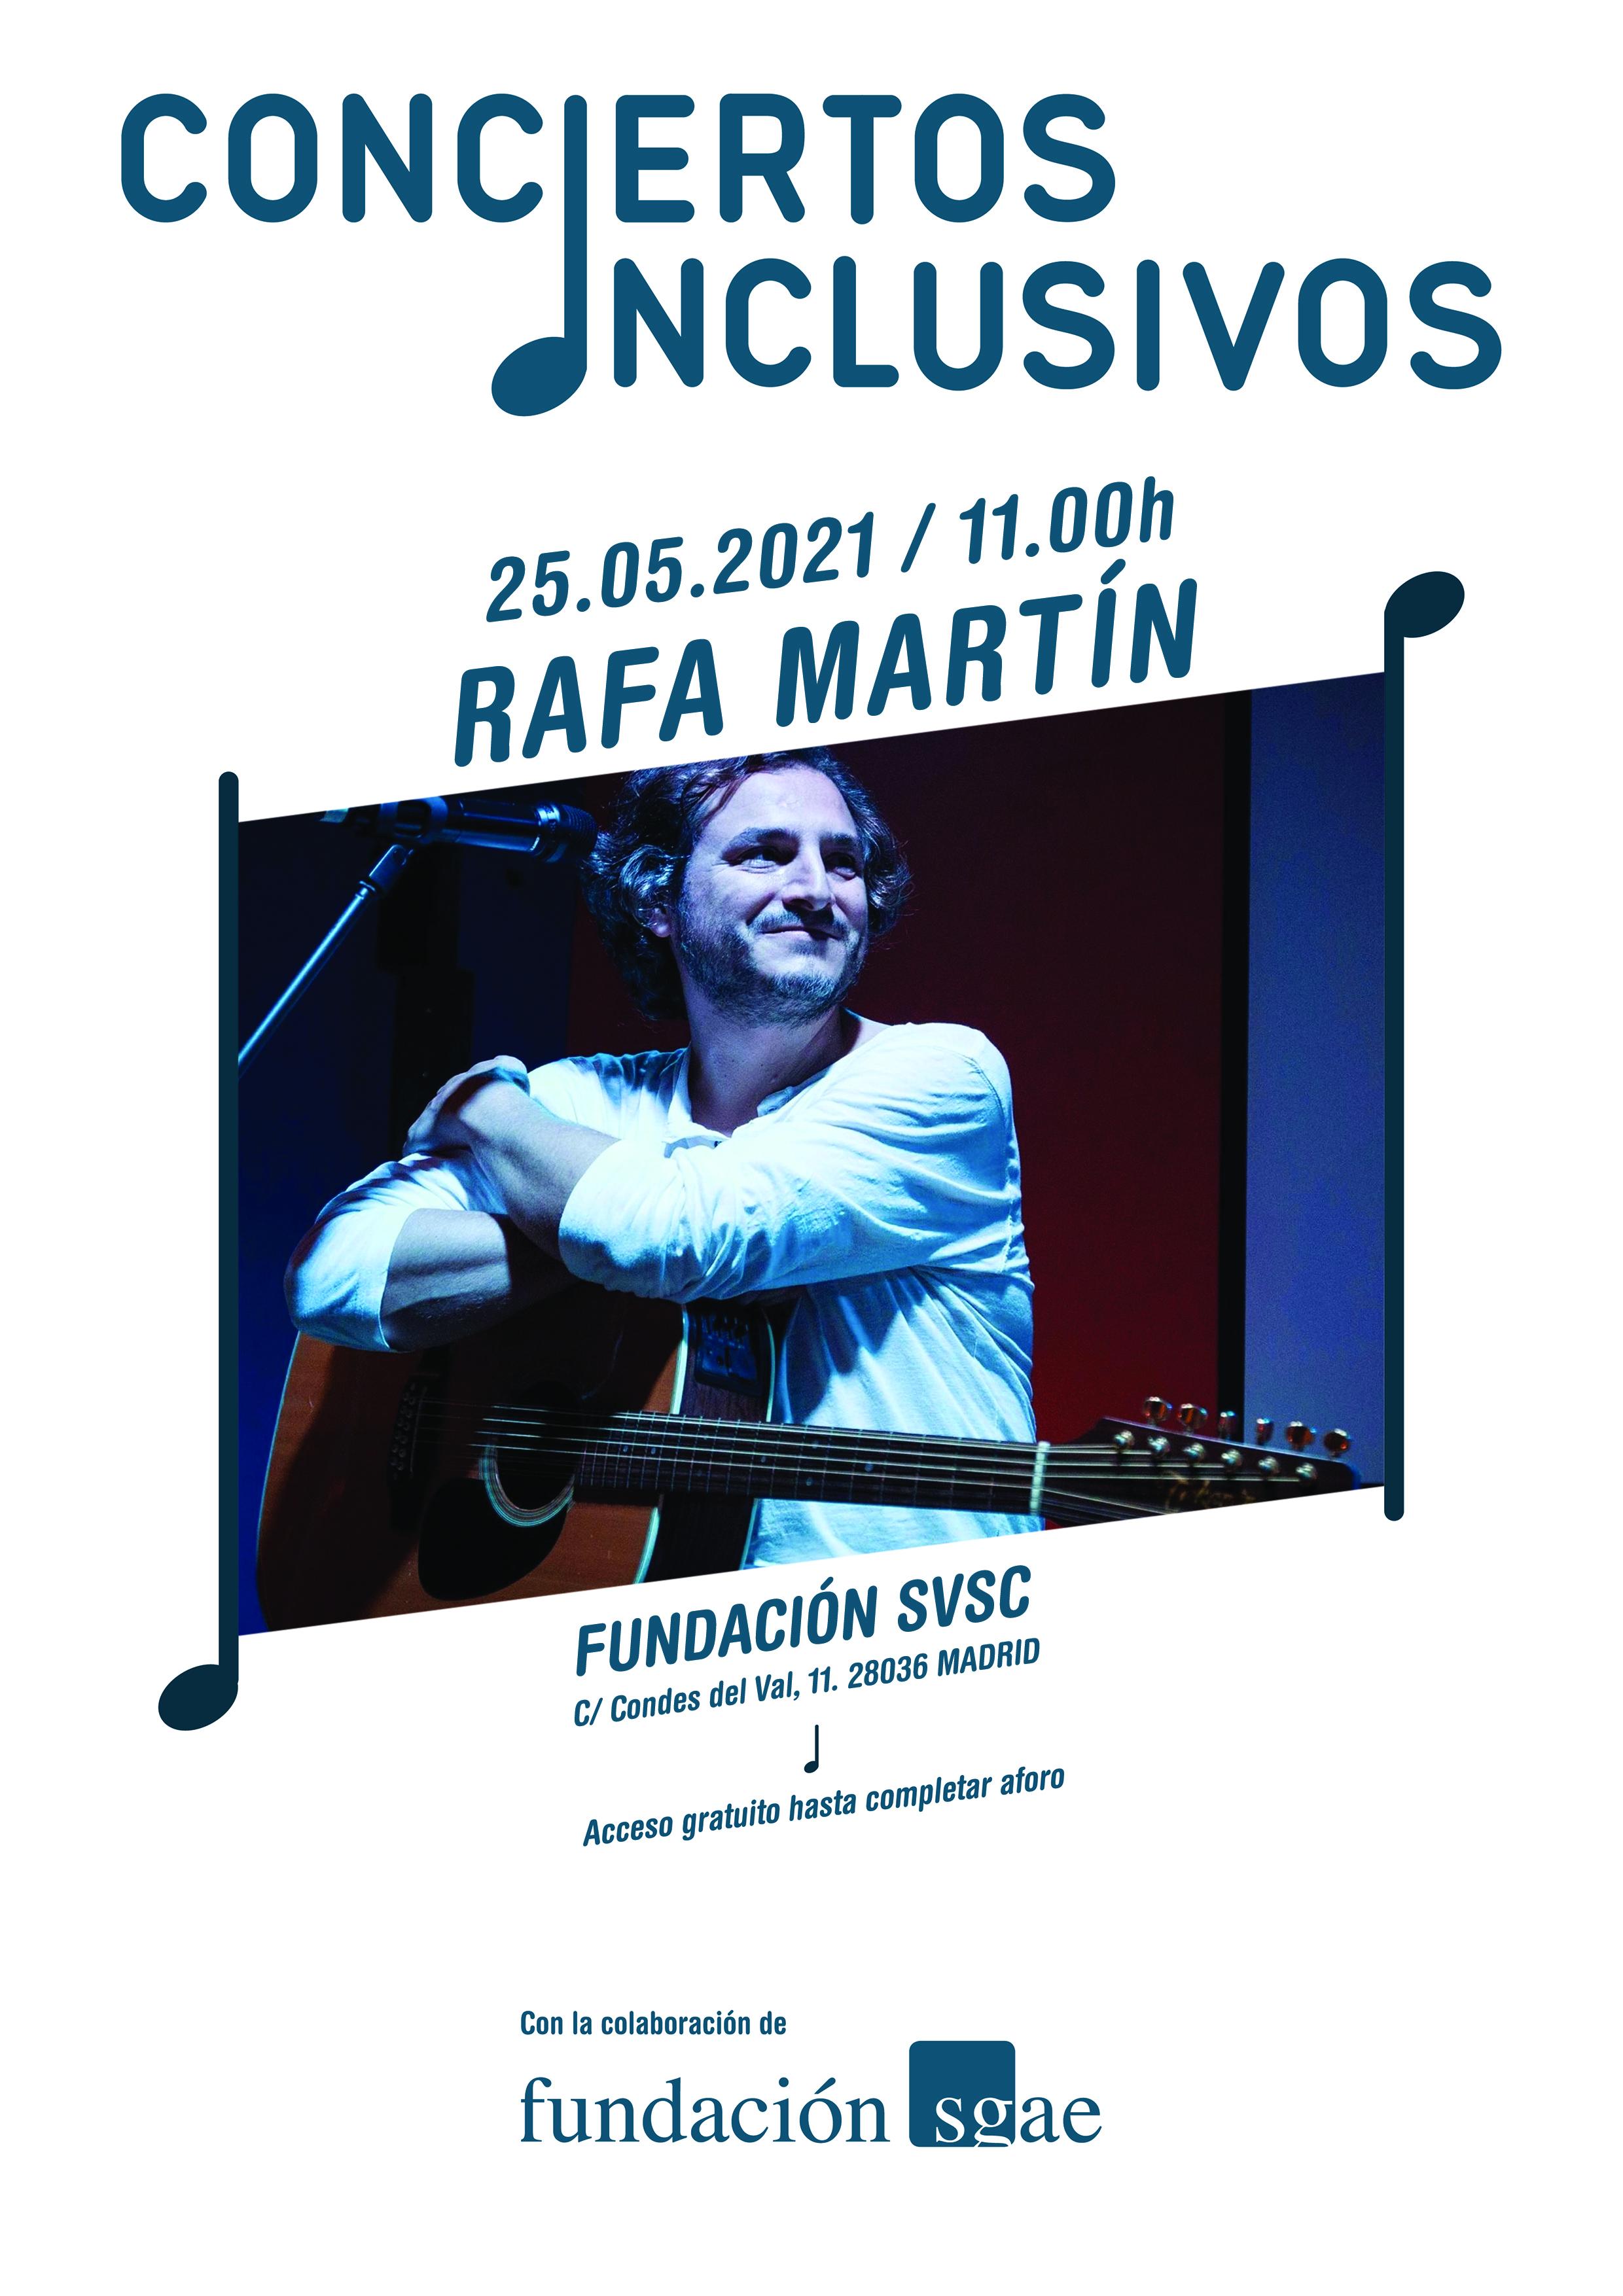 Rafa_Martin_A4